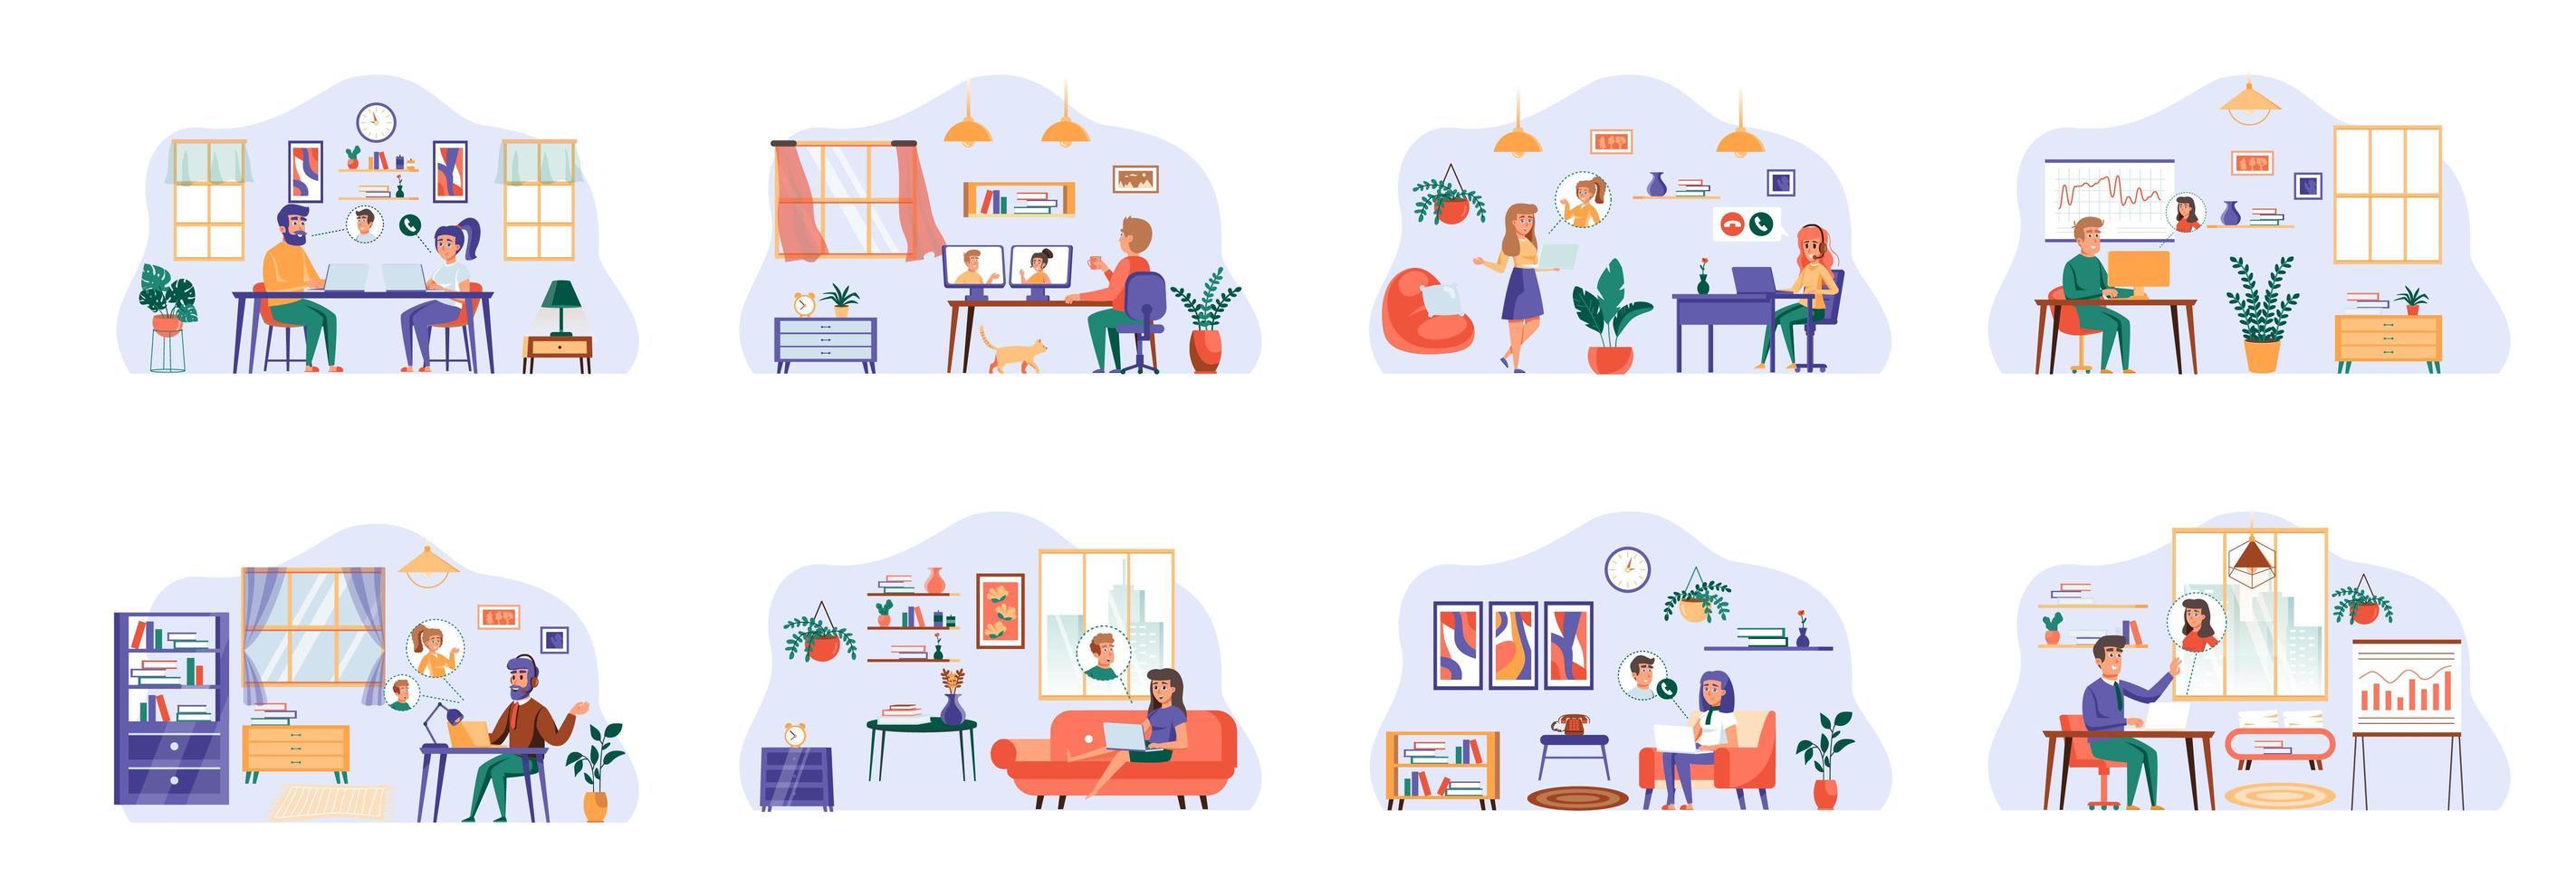 vidéoconférence de scènes avec des personnages plats. vecteur